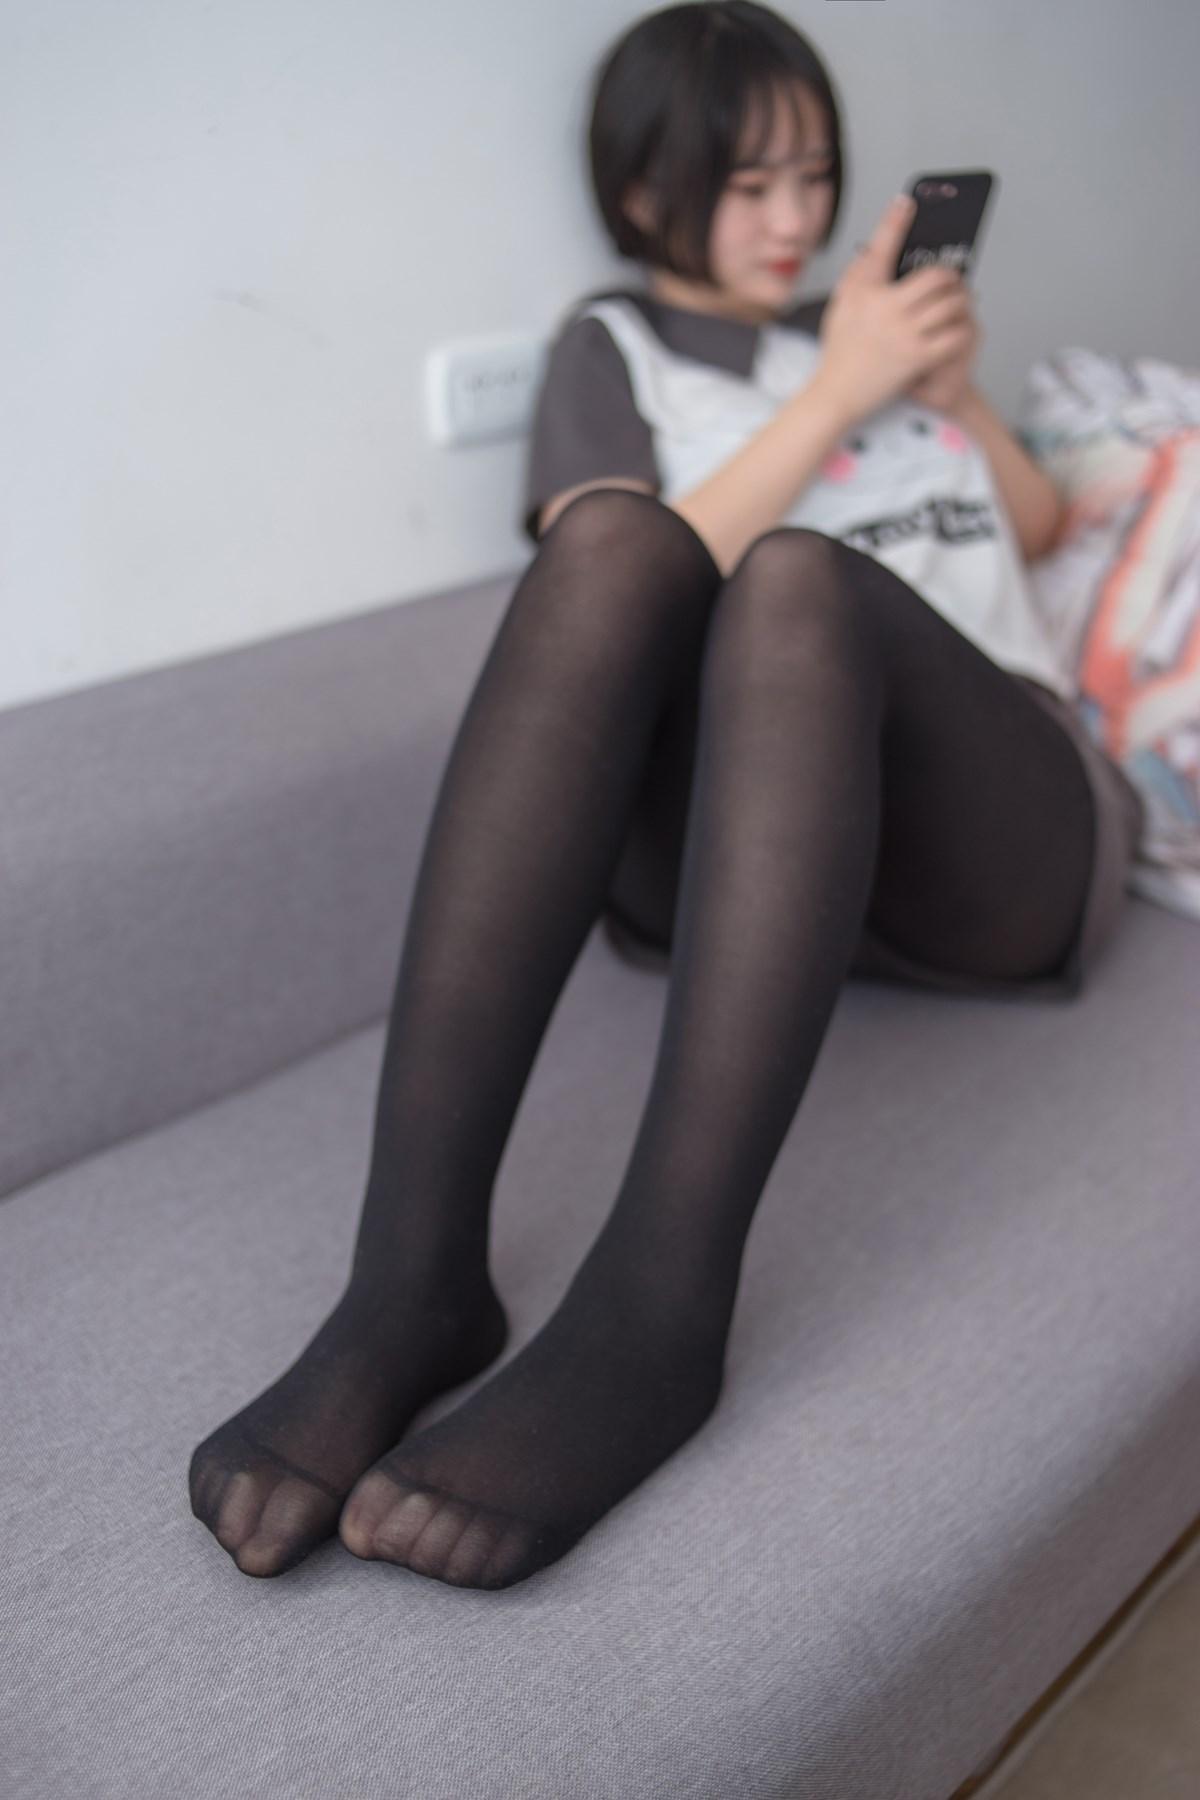 【兔玩映画】萌萌哒黑丝 兔玩映画 第3张